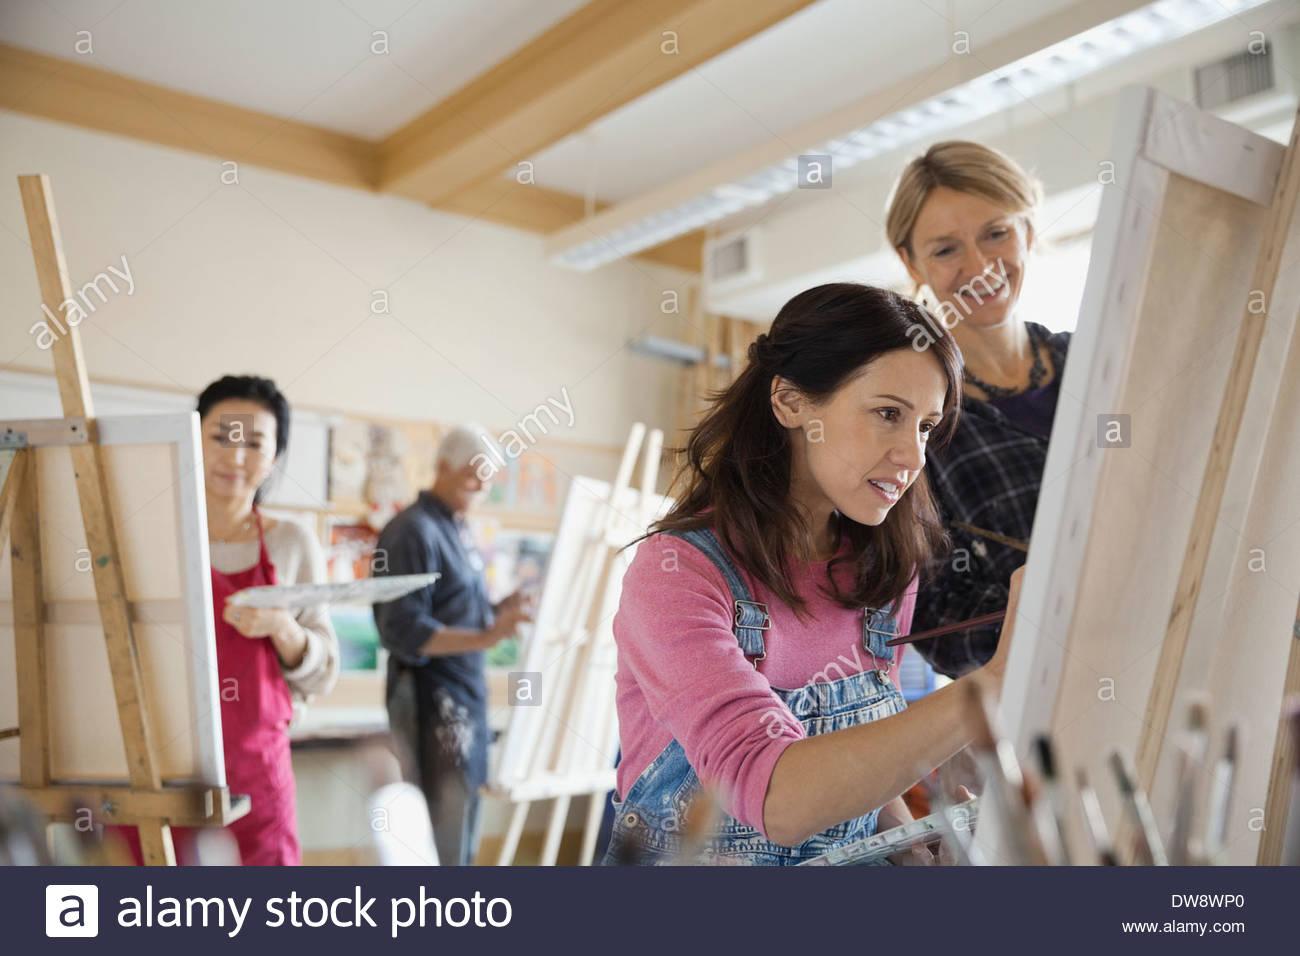 Femme de prendre des cours de peinture adultes Photo Stock